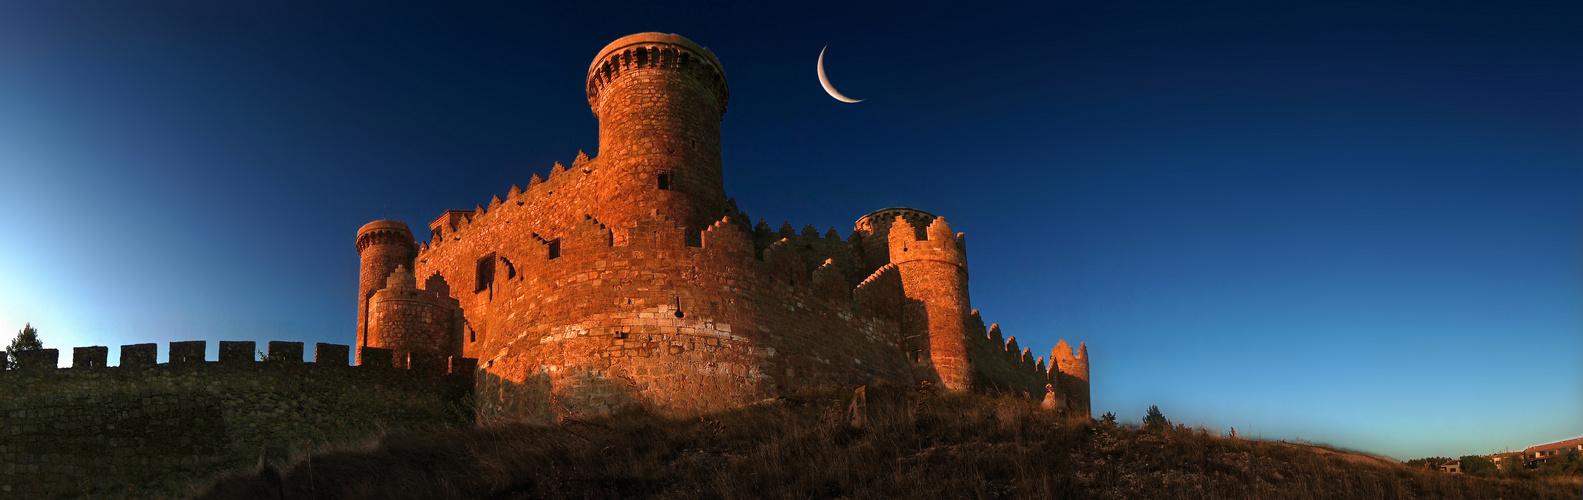 ¨Castillo de Belmonte¨ with Moon/ Castilla La Mancha/ Spain